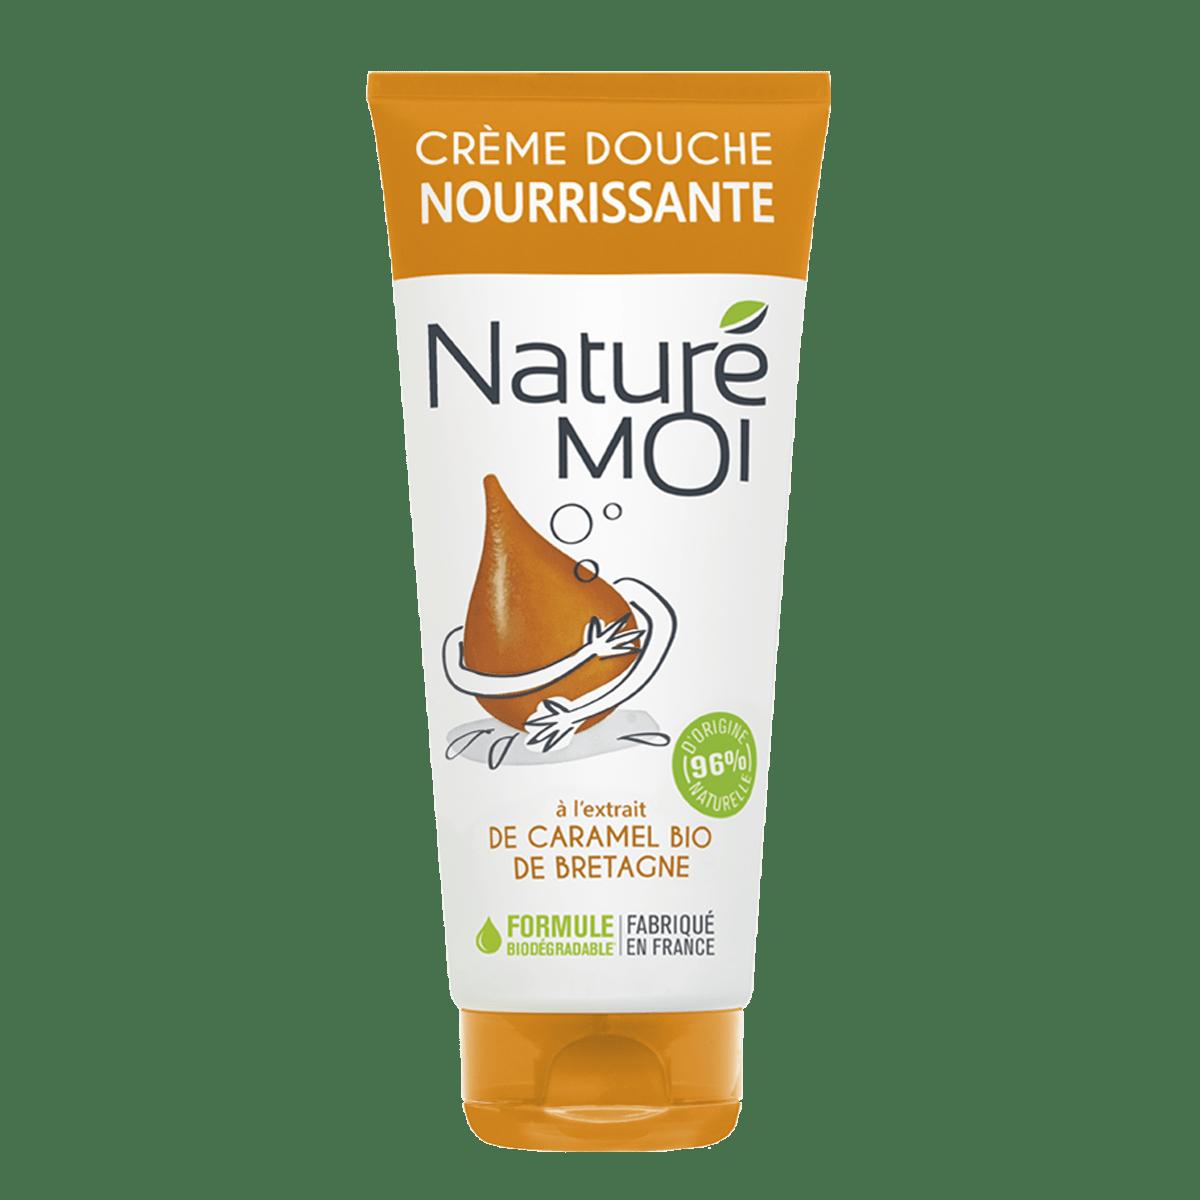 Crème Douche Nourrissante Au caramel BIO de Bretagne